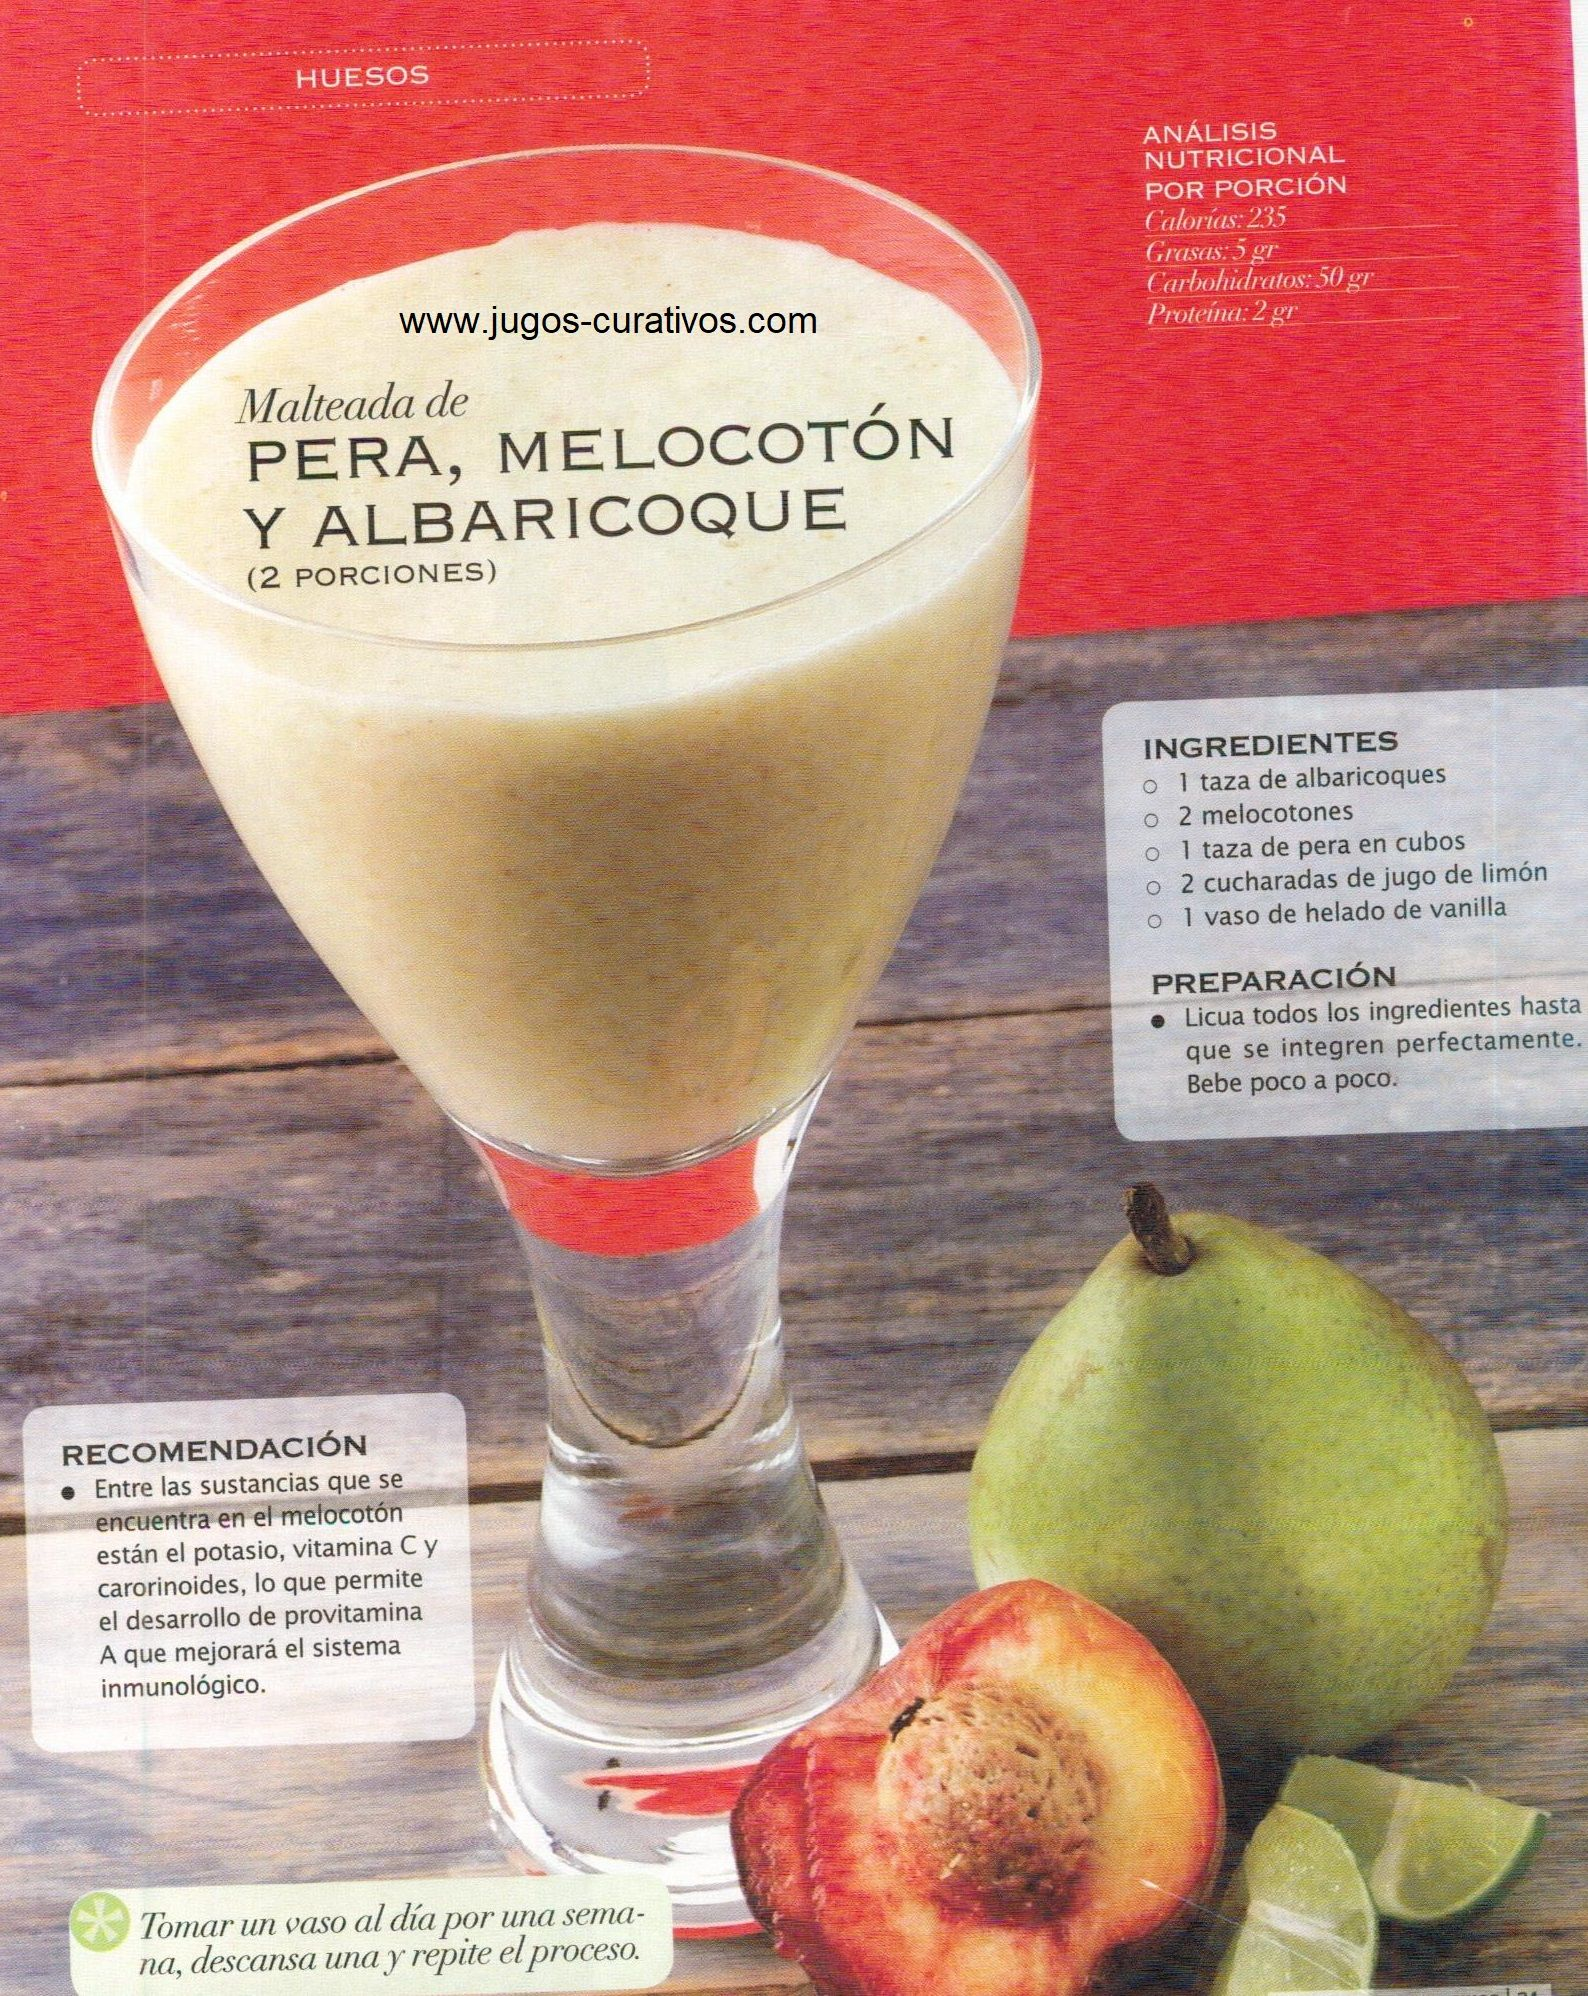 Jugo Para Fortalecer Los Huesos Healty Food Healthy Juices Healthy Smooties